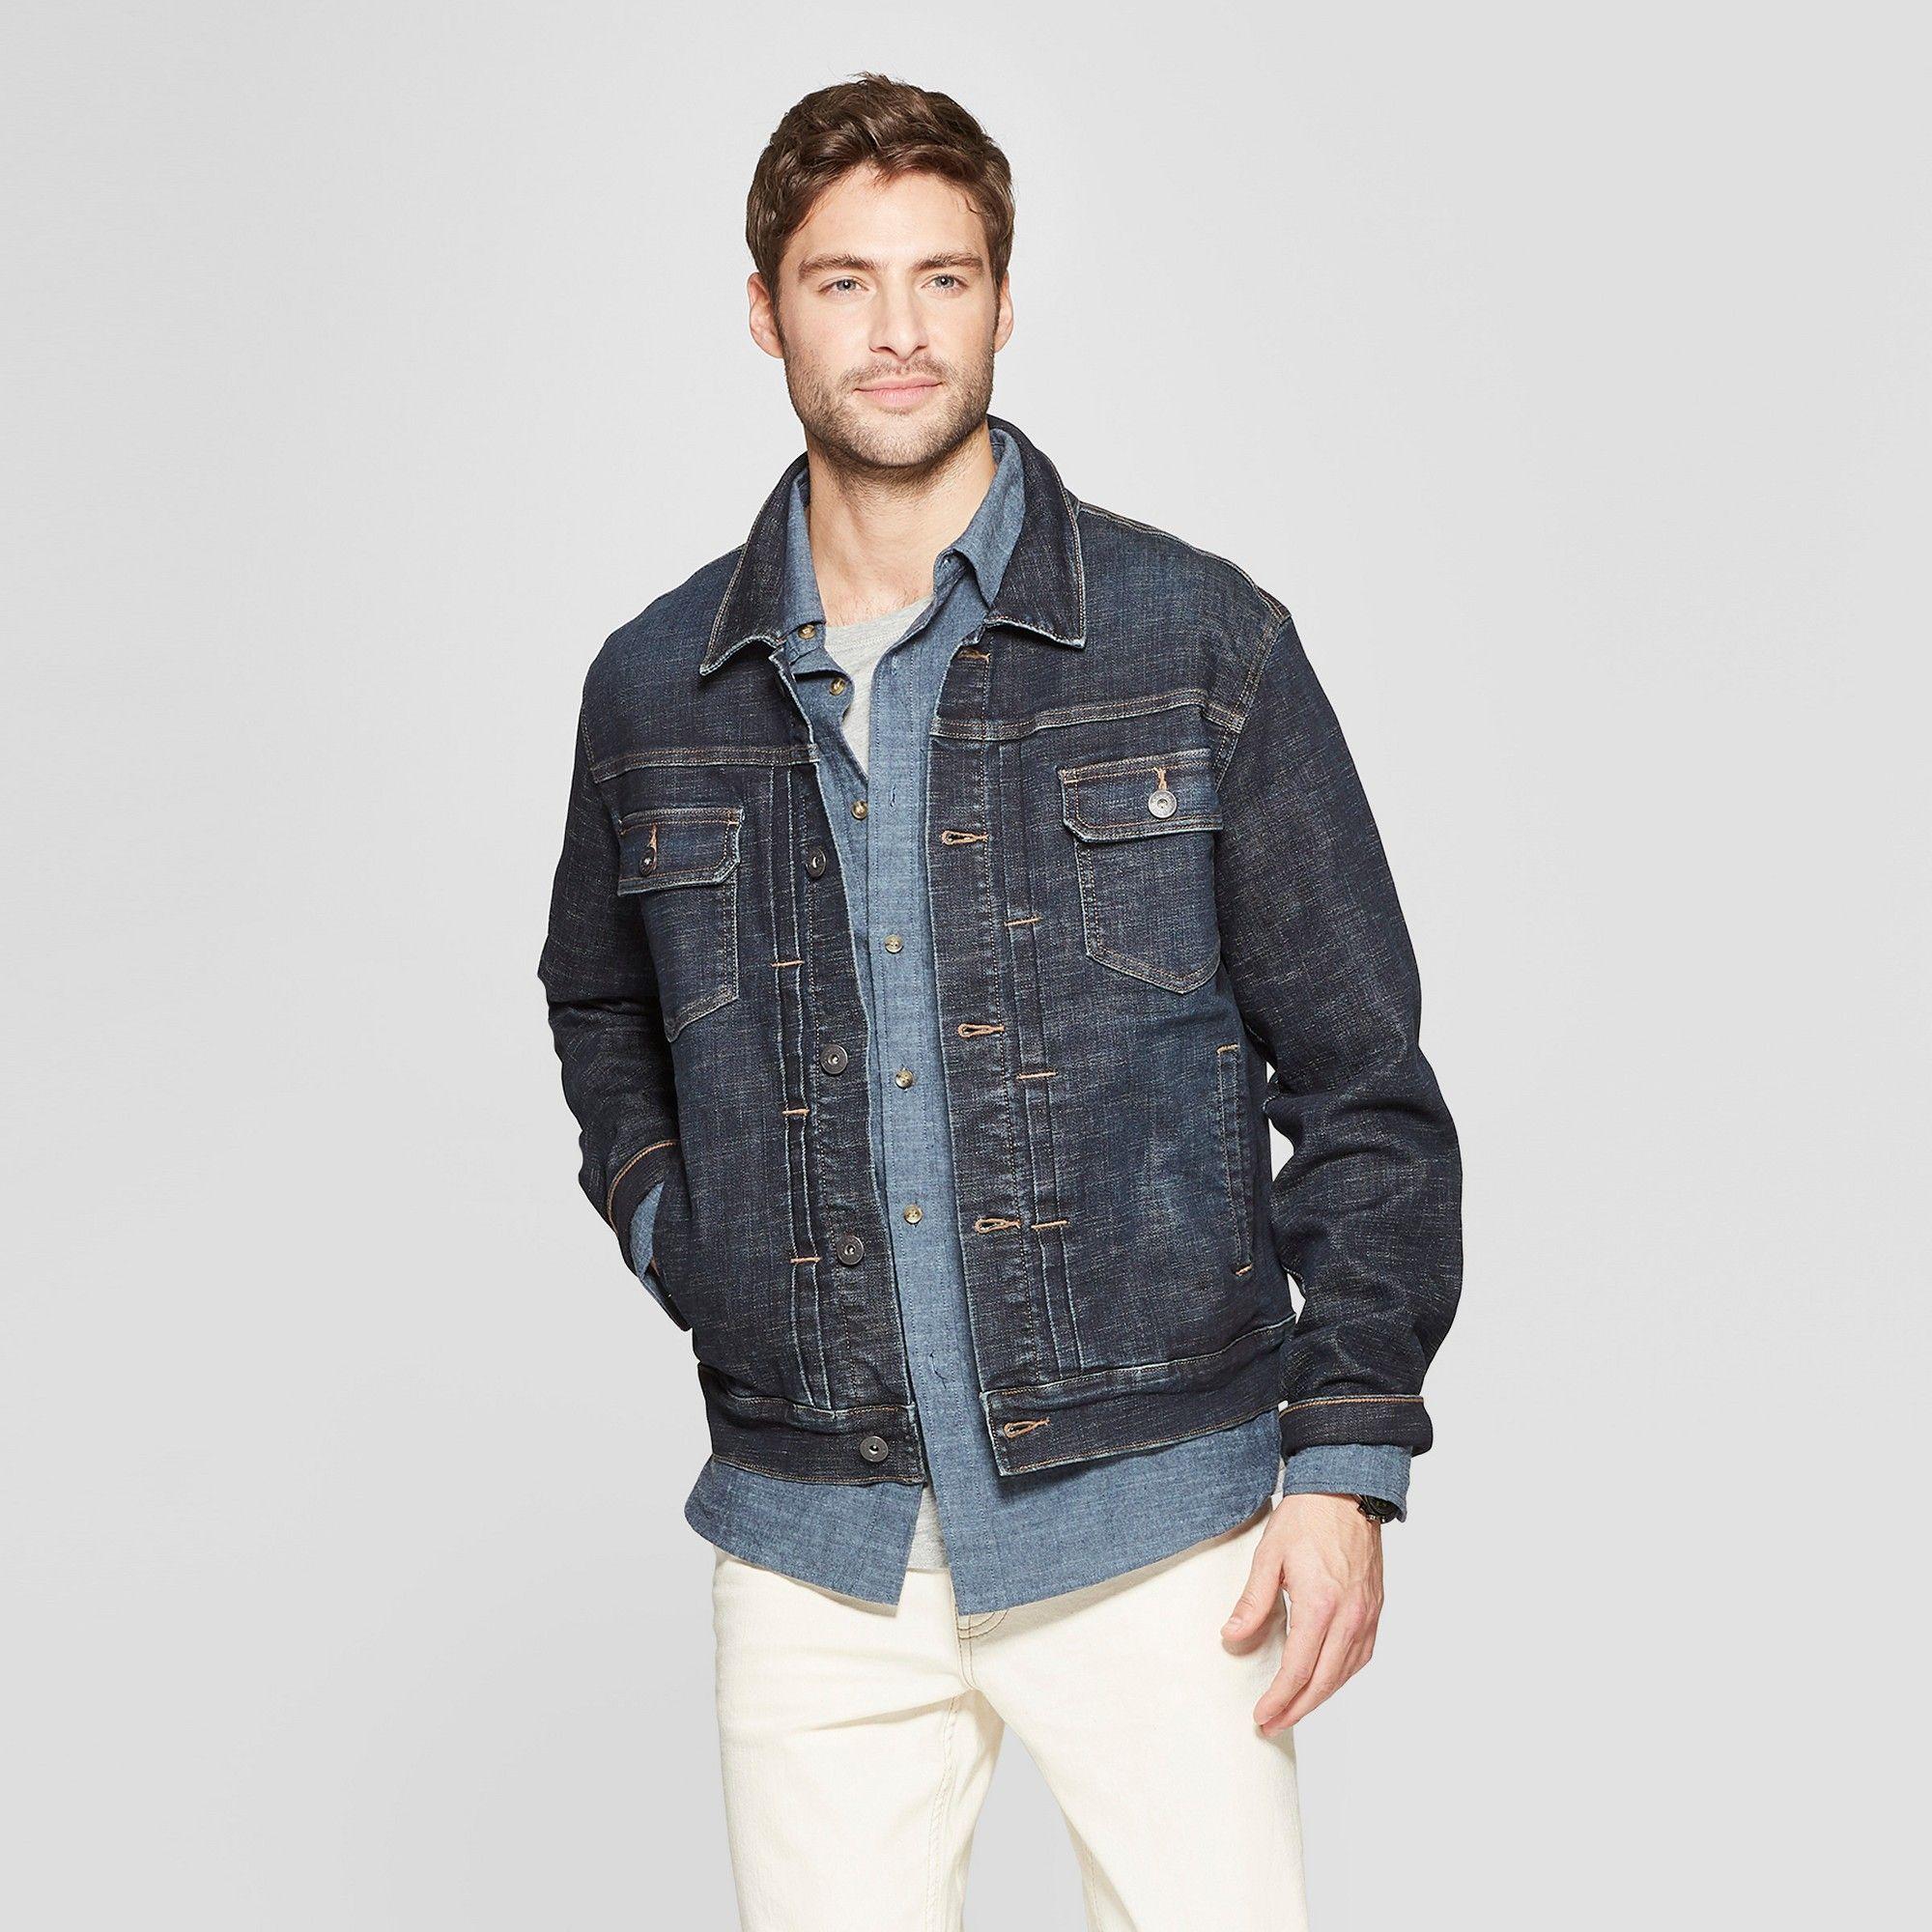 51659cc82 Men's Crosshatch Vintage Denim Jacket - Goodfellow & Co Dark Wash ...